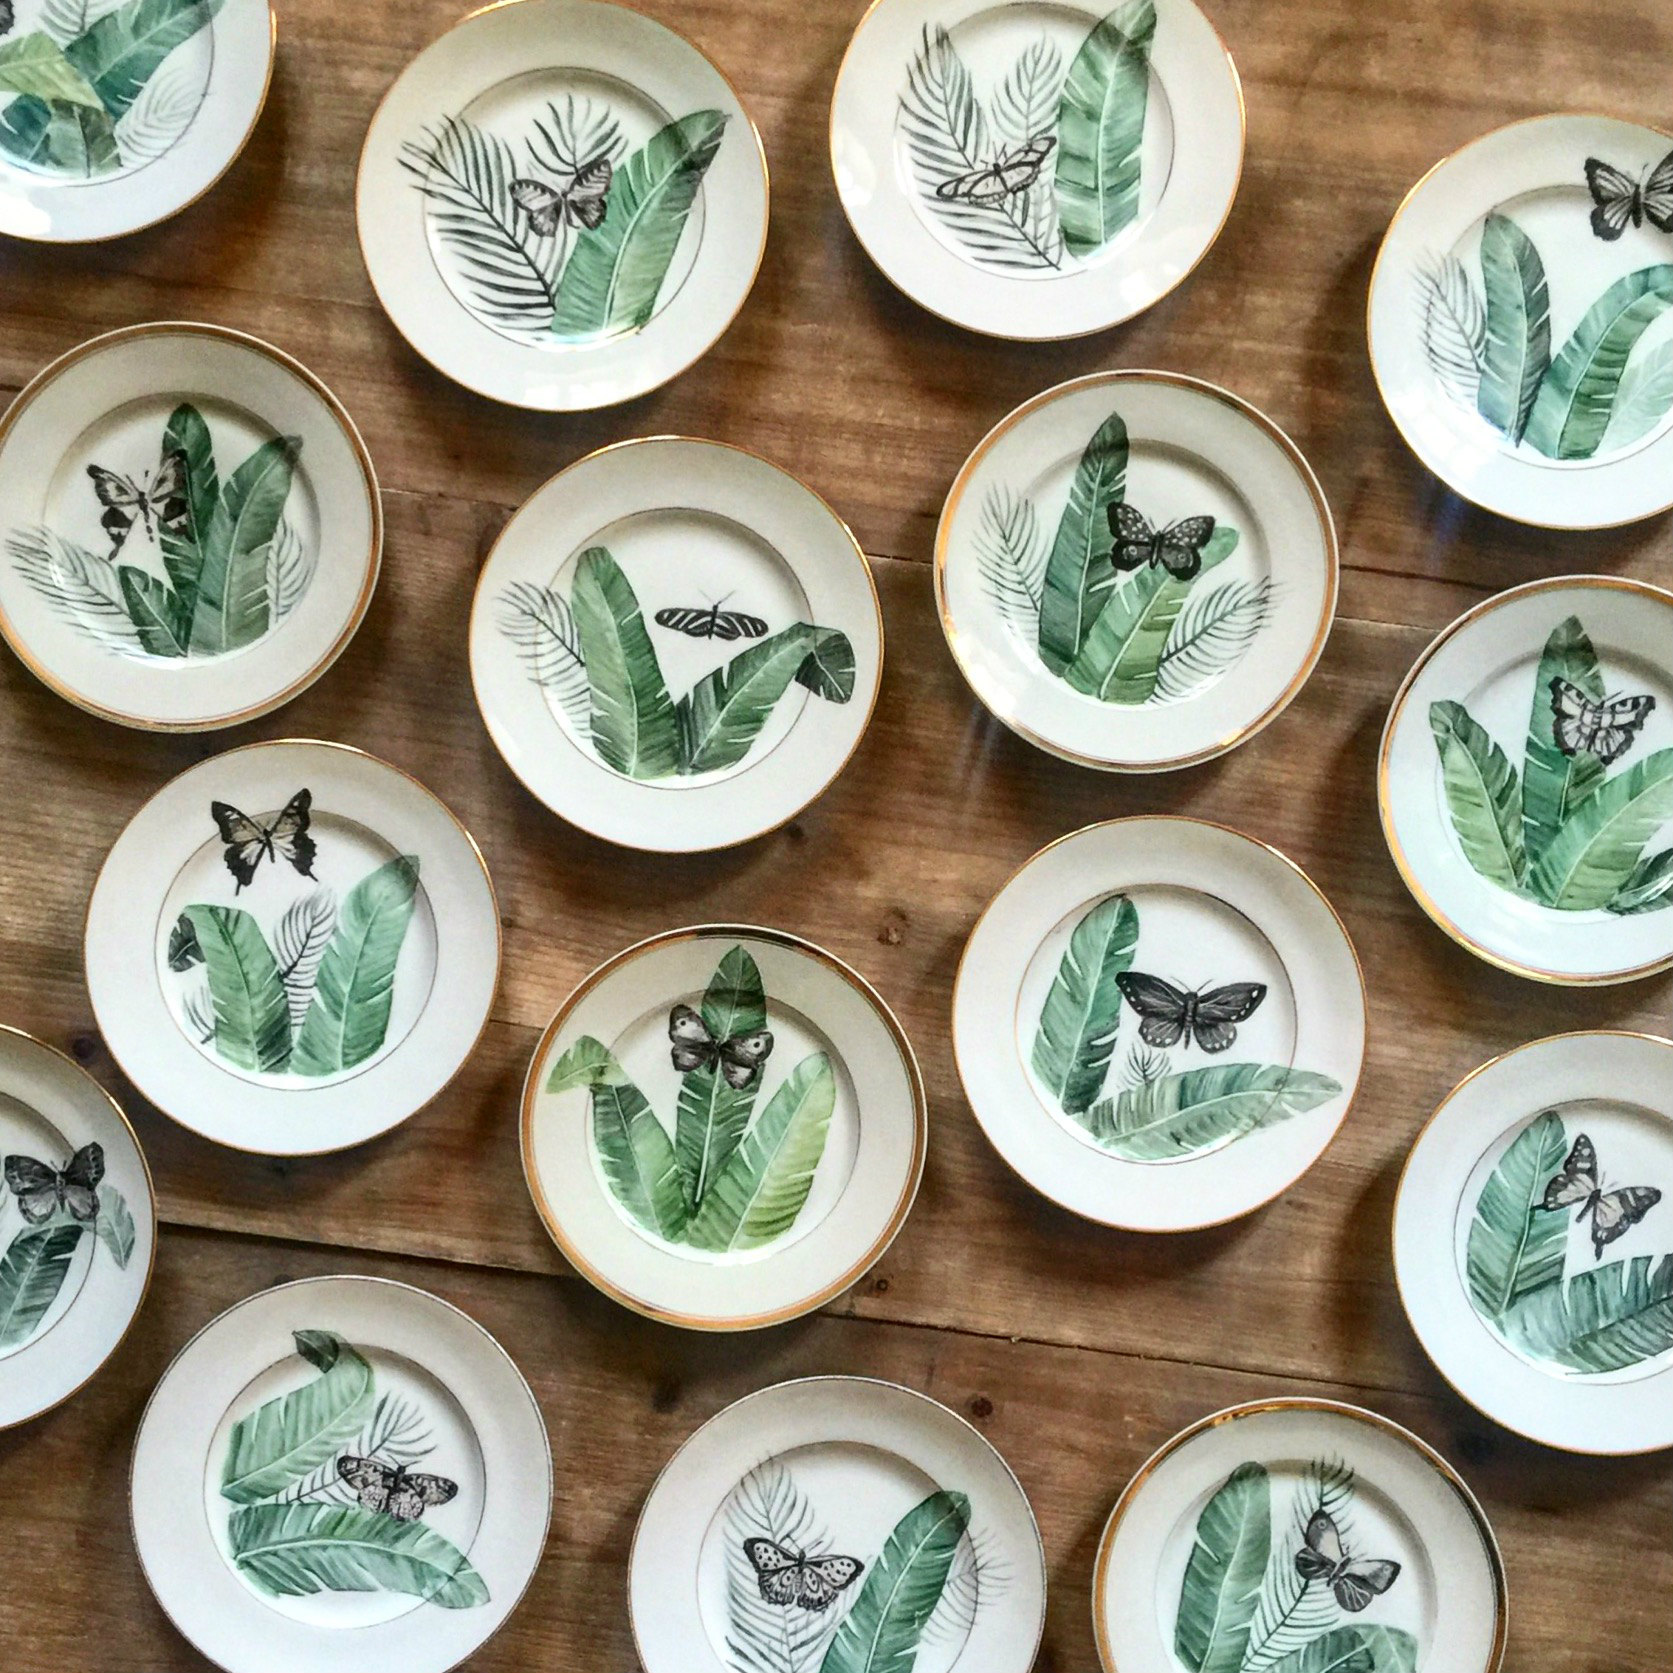 Regalos de 10 nuevos artesanos - Platos de ceramica ...